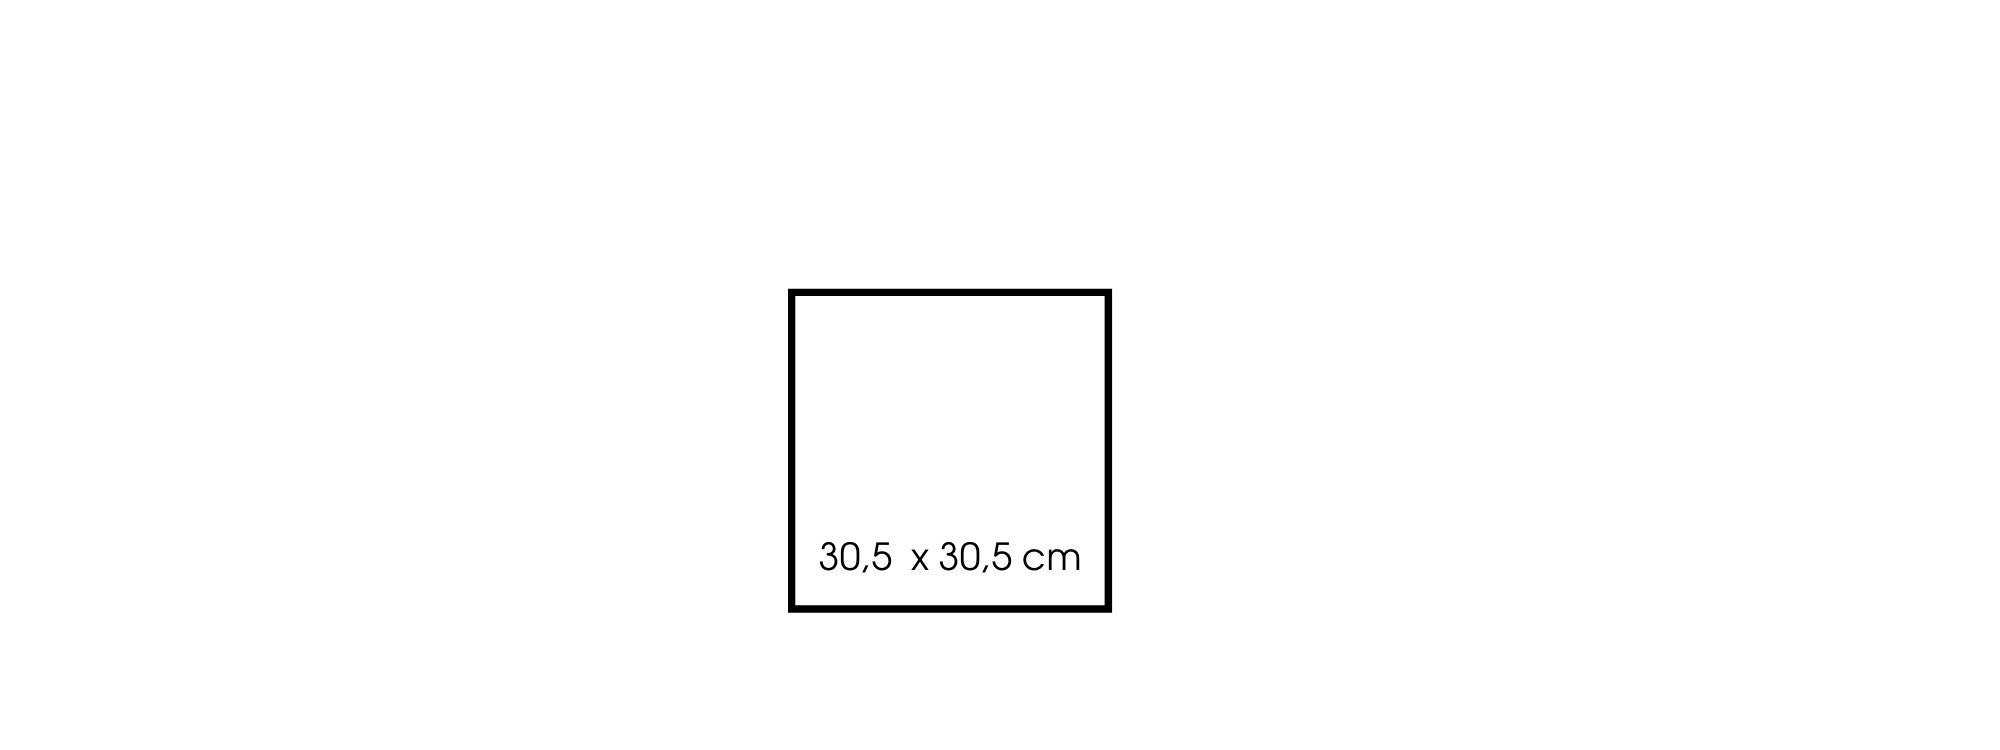 Größe 1330